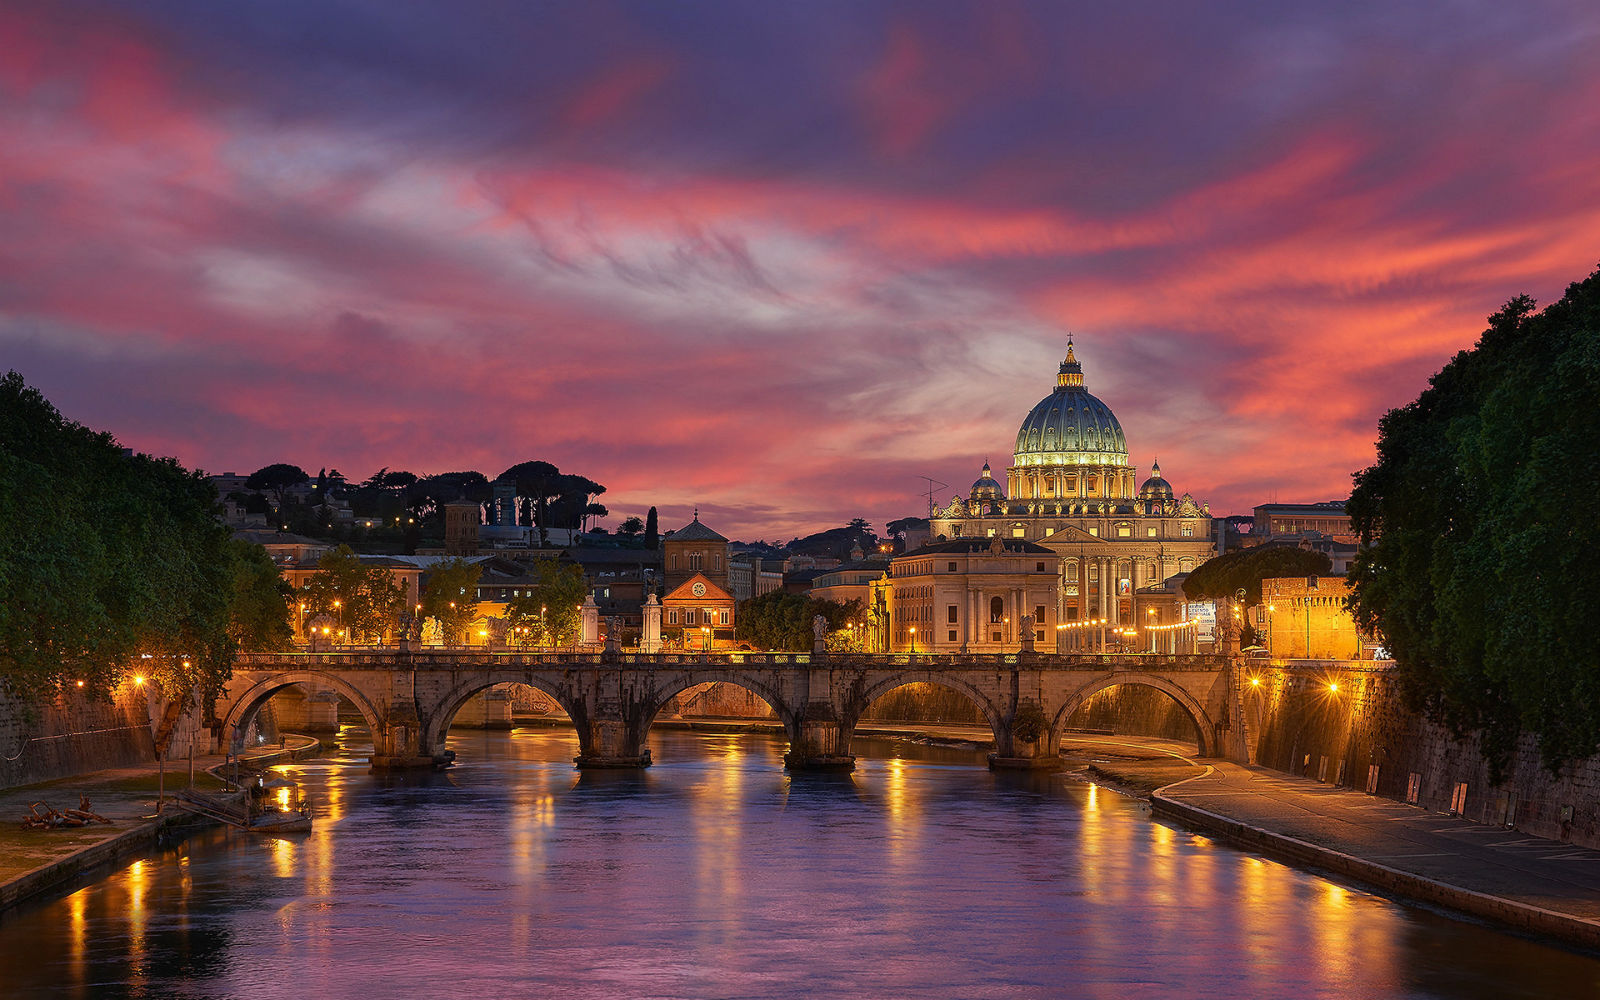 О визе в Италию: сколько делается по времени, срок рассмотрения документов